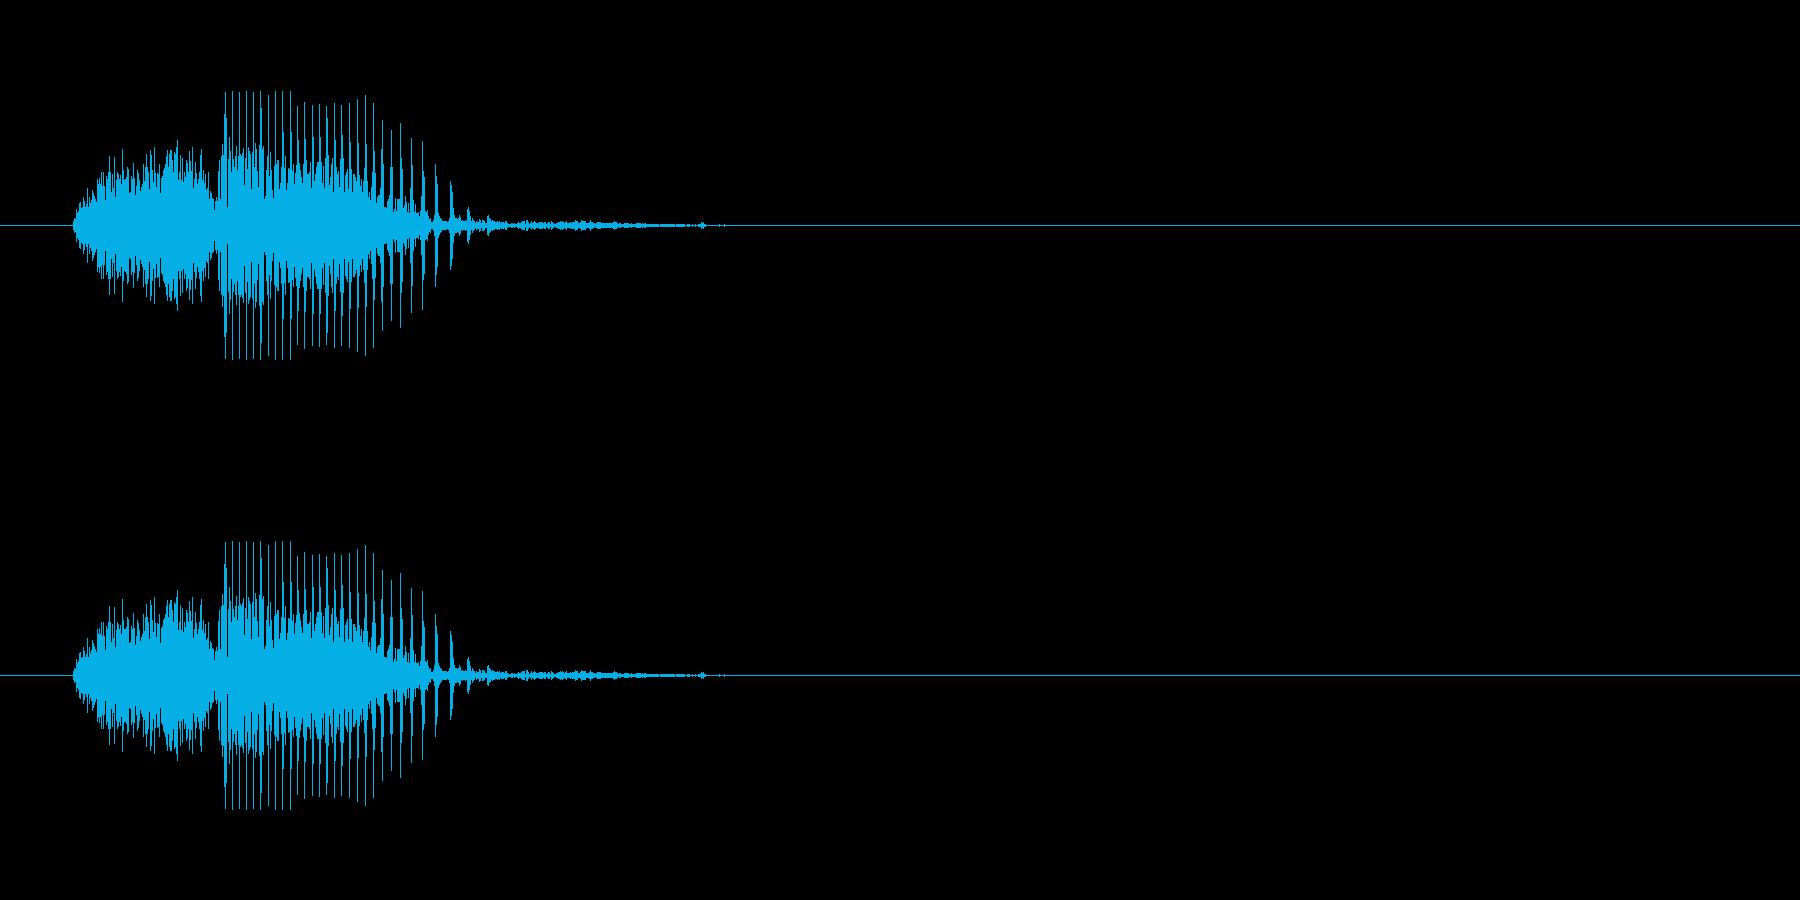 「さぁ」ver.1の再生済みの波形